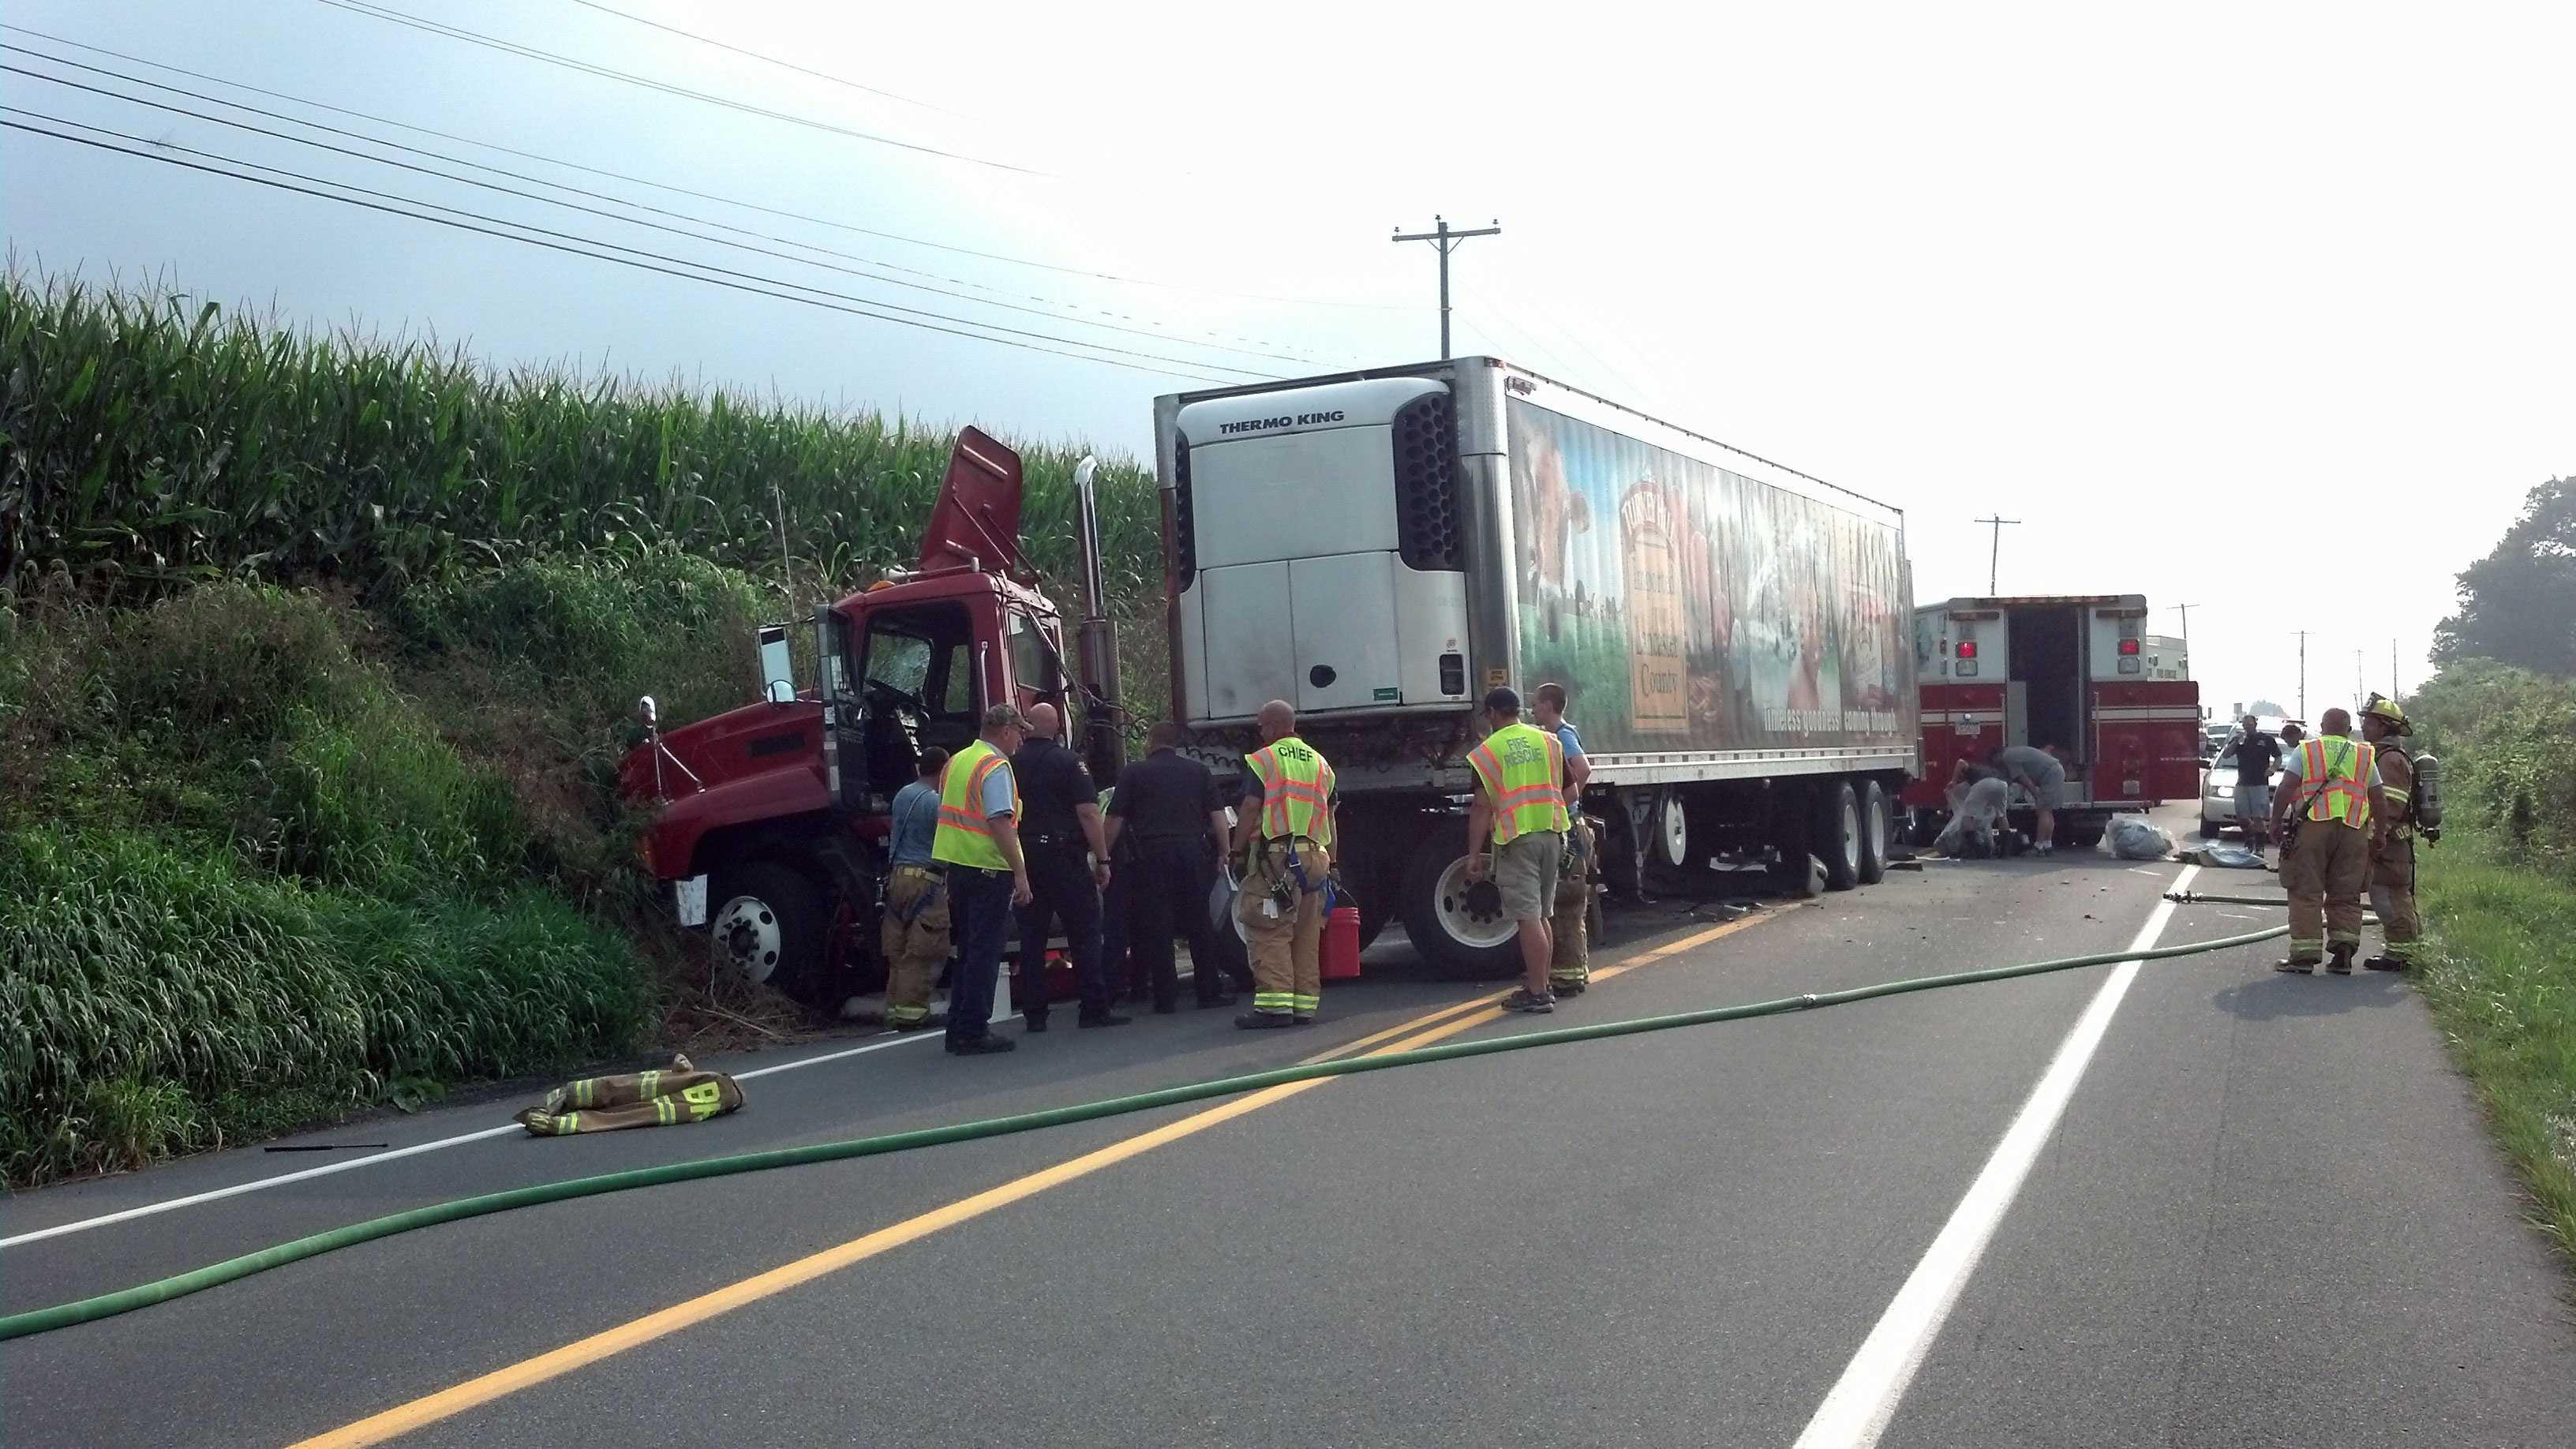 8.12 Route 999 crash